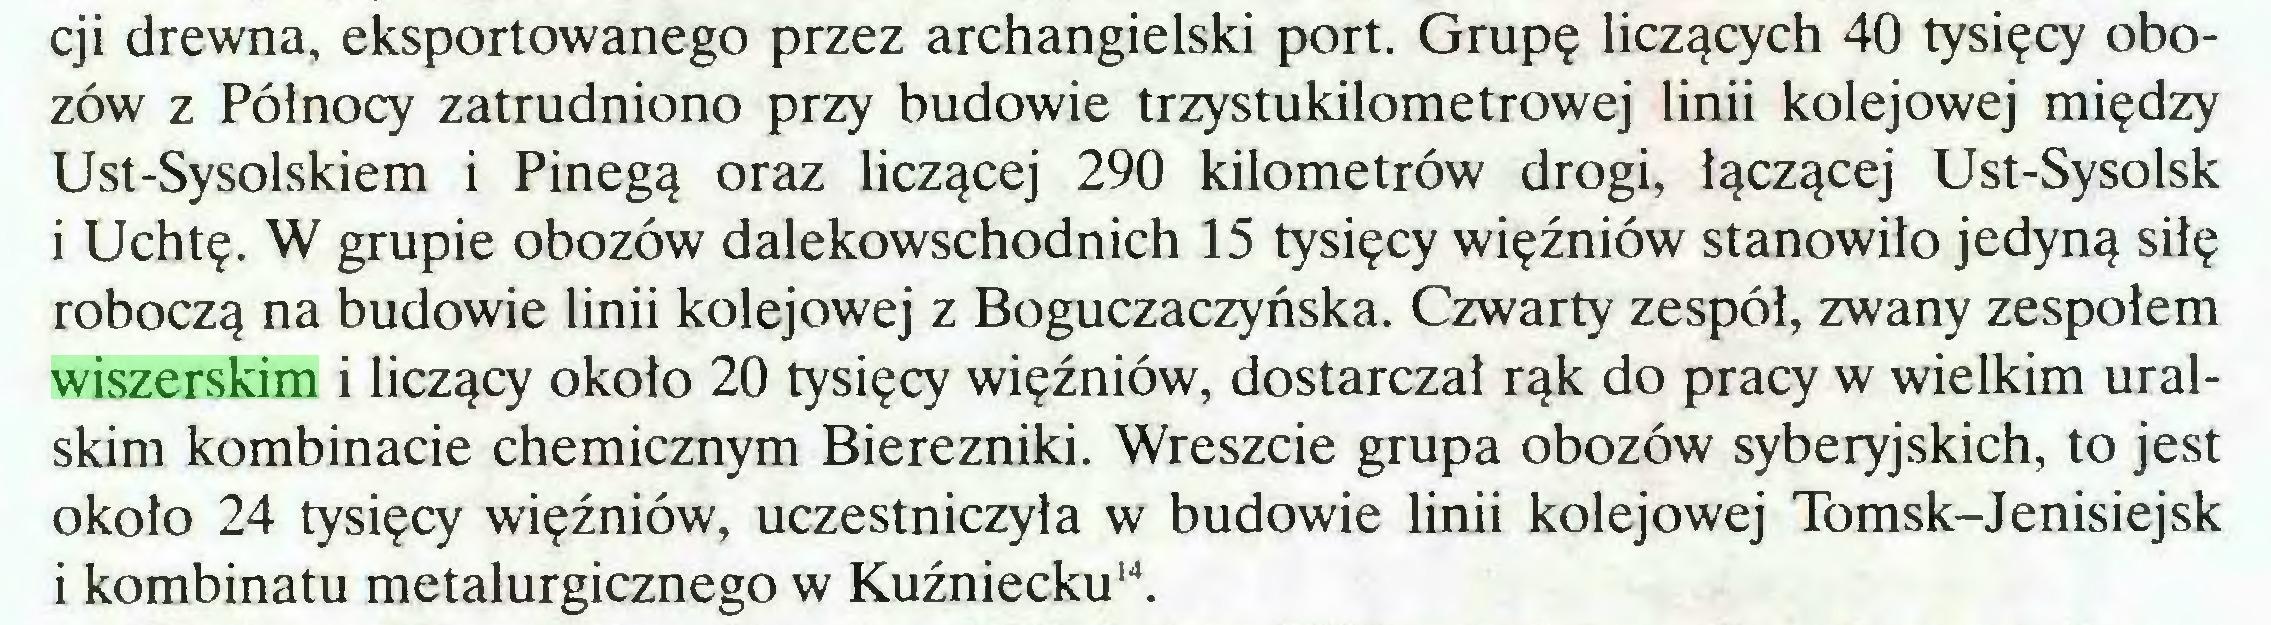 (...) cji drewna, eksportowanego przez archangielski port. Grupę liczących 40 tysięcy obozów z Północy zatrudniono przy budowie trzystukilometrowej linii kolejowej między Ust-Sysolskiem i Pinegą oraz liczącej 290 kilometrów drogi, łączącej Ust-Sysolsk i Uchtę. W grupie obozów dalekowschodnich 15 tysięcy więźniów stanowiło jedyną siłę roboczą na budowie linii kolejowej z Boguczaczyńska. Czwarty zespól, zwany zespołem wiszerskim i liczący około 20 tysięcy więźniów, dostarczał rąk do pracy w wielkim uralskim kombinacie chemicznym Bierezniki. Wreszcie grupa obozów syberyjskich, to jest około 24 tysięcy więźniów, uczestniczyła w budowie linii kolejowej Tomsk-Jenisiejsk i kombinatu metalurgicznego w Kuźniecku14...